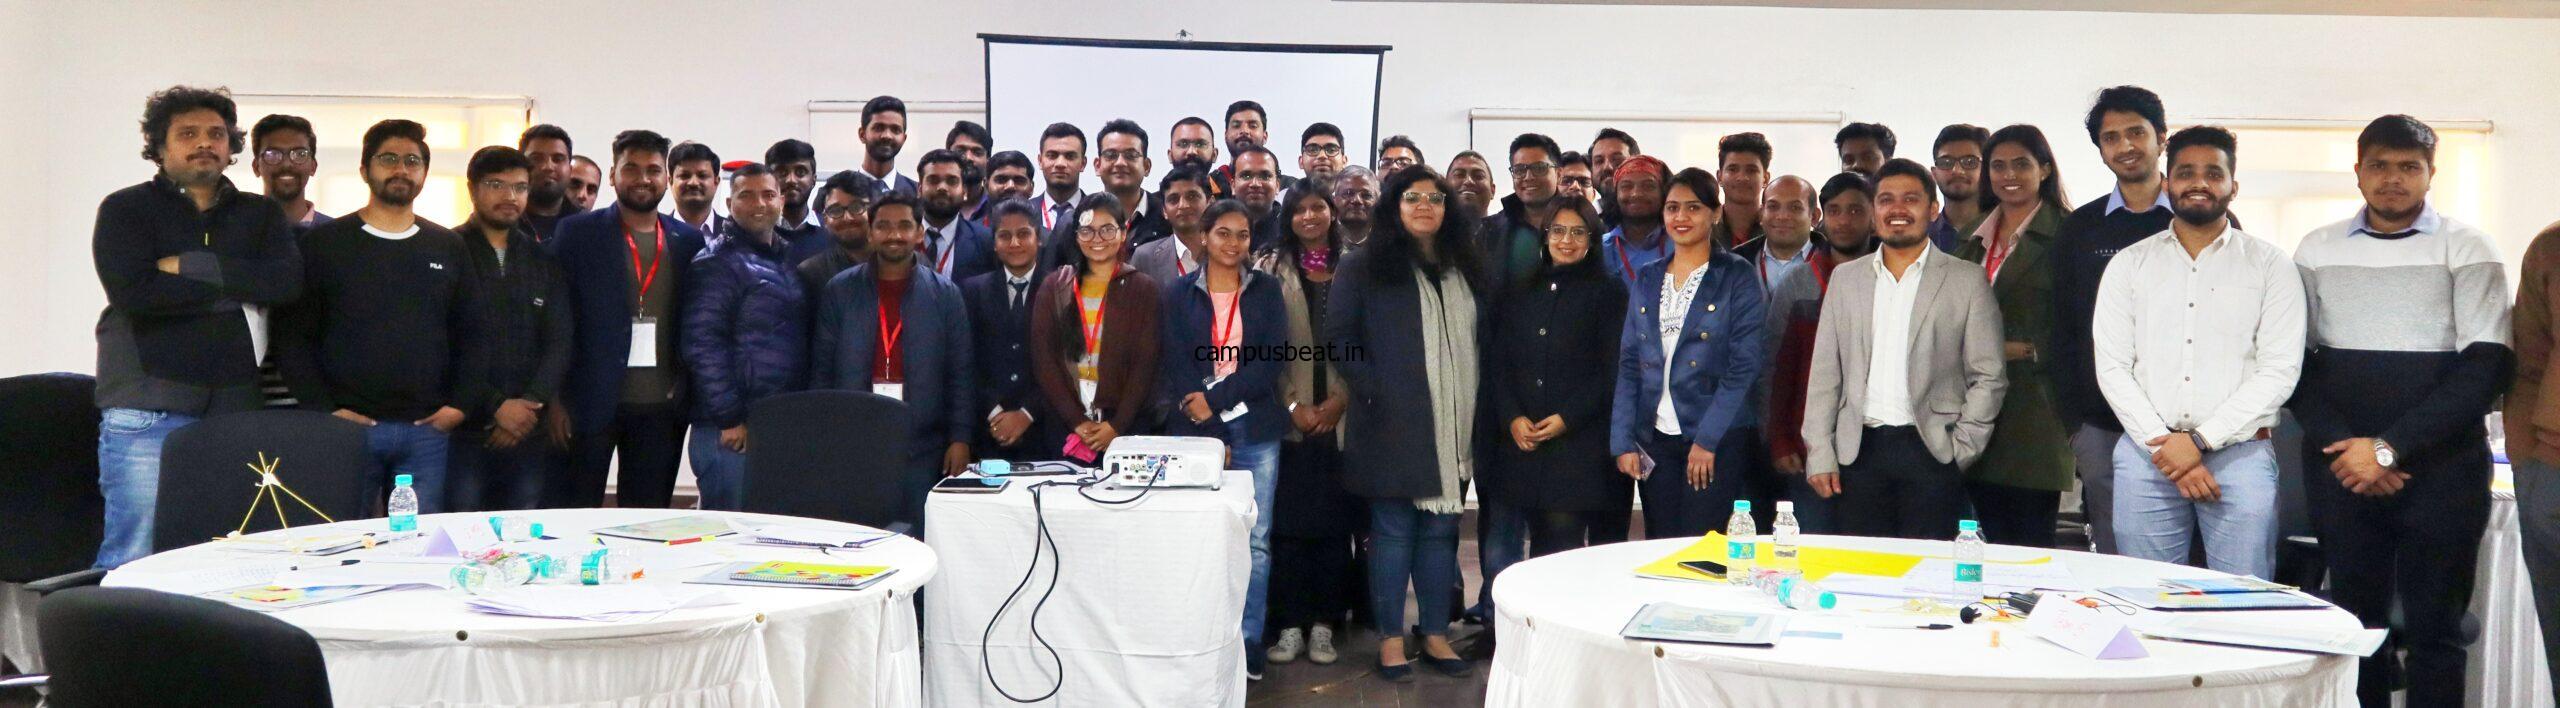 27 Startups Registered at Incubation Center, IIM Udaipur